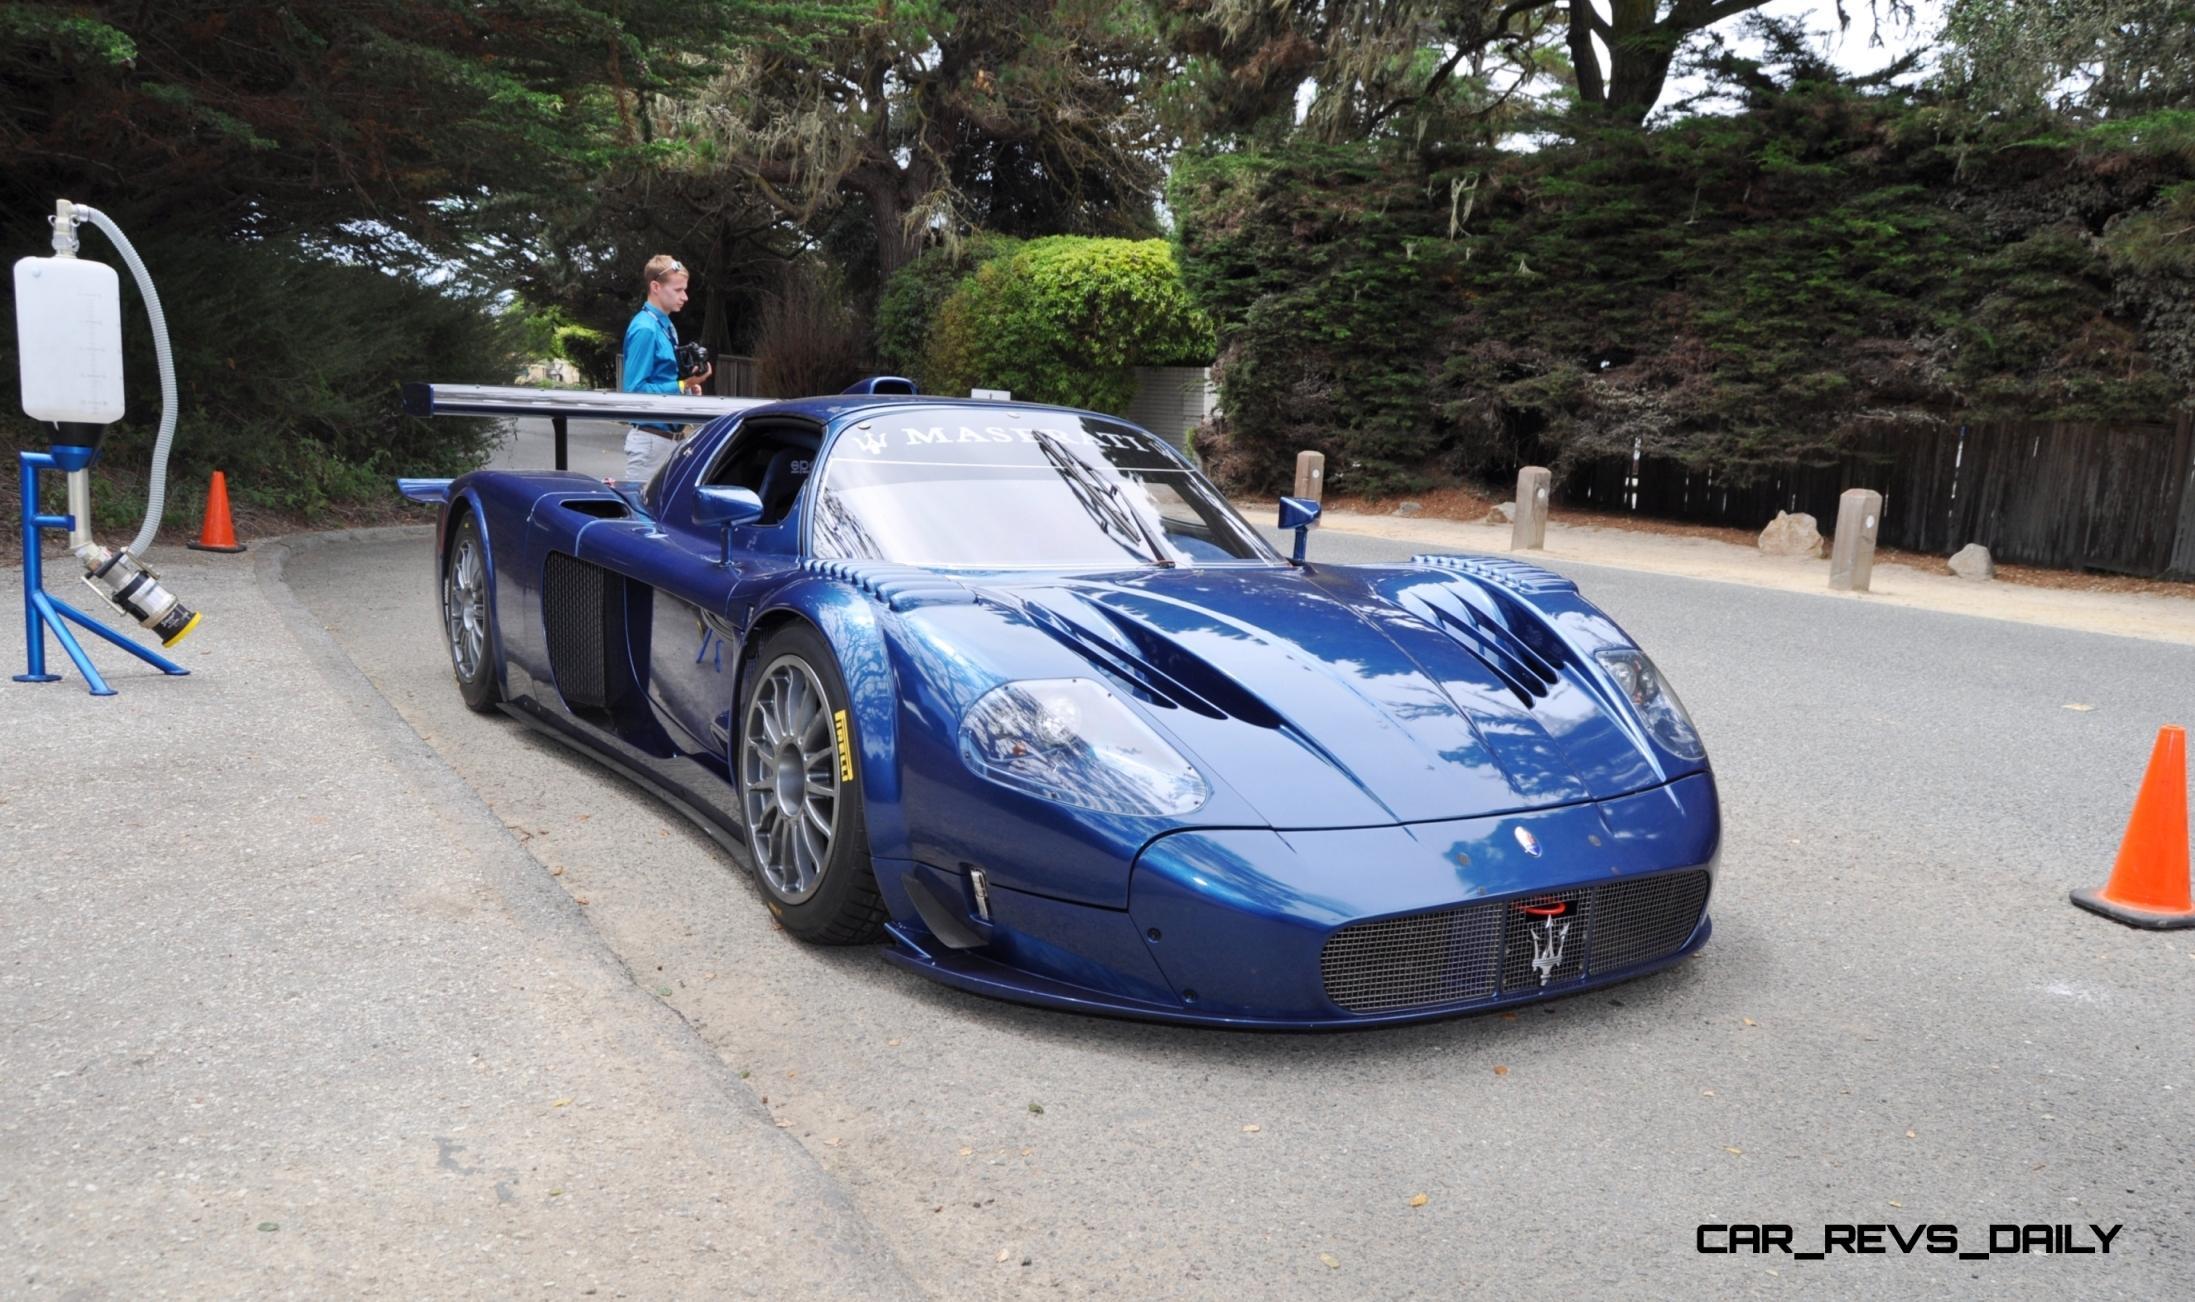 http://www.car-revs-daily.com/wp-content/uploads/Car-Revs-Daily.com-2006-Maserati-MC12-Corsa-30.jpg